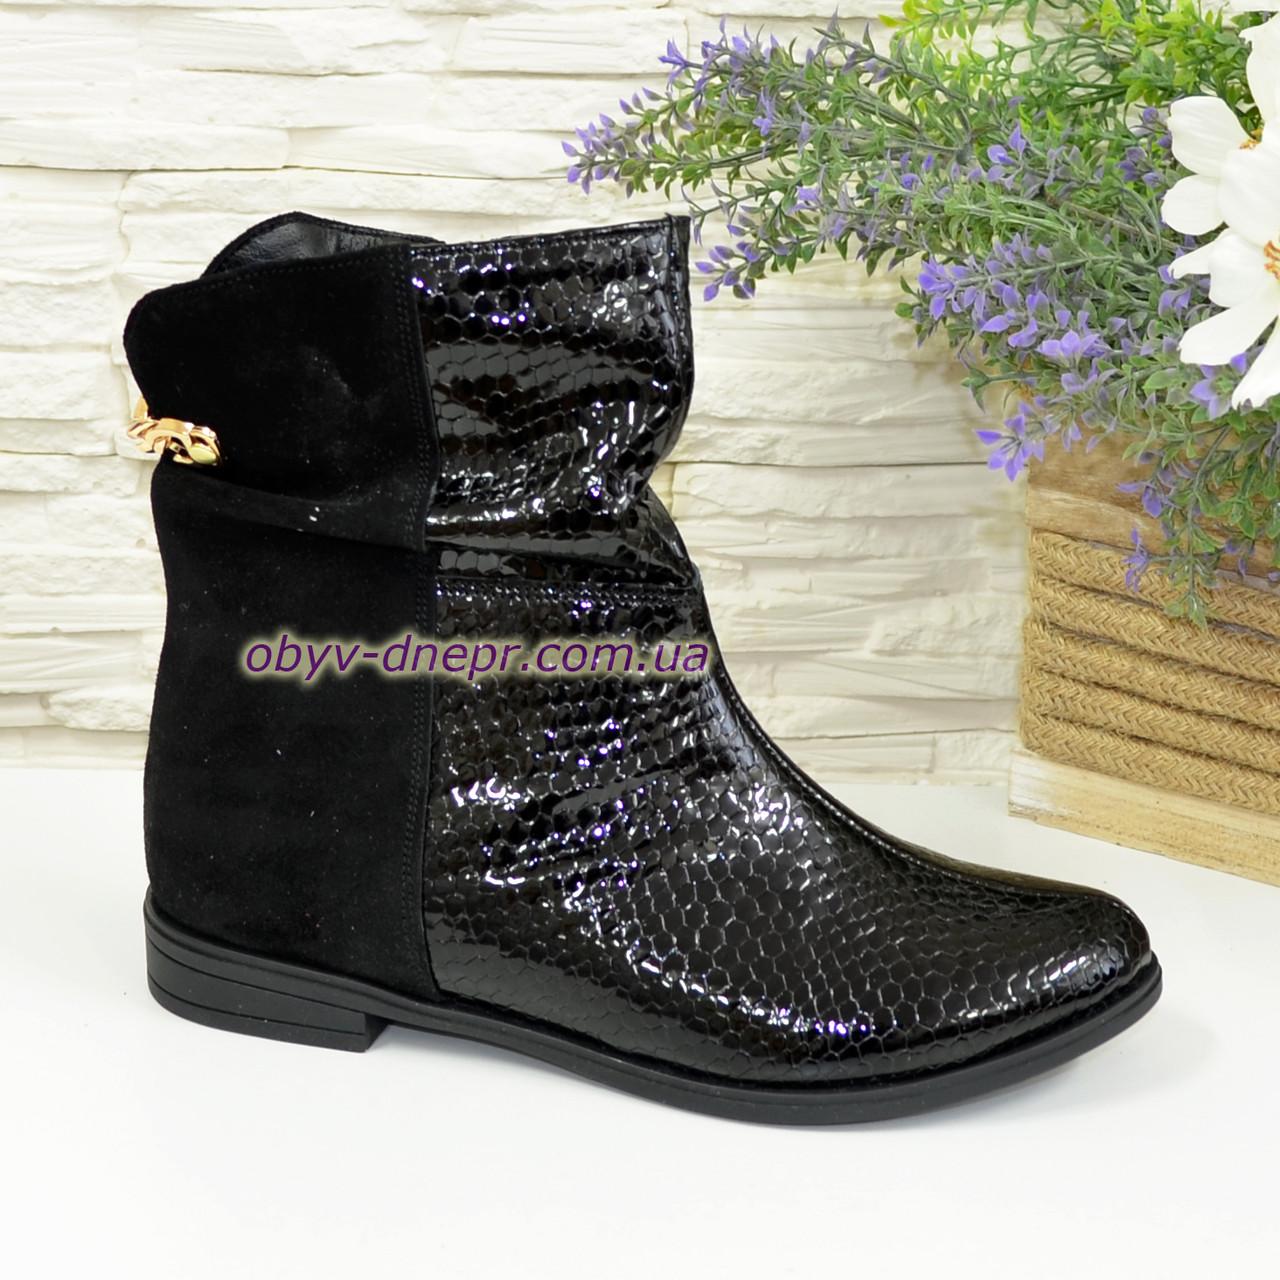 e43bac38a Женские демисезонные ботинки на низом ходу, кожа крокодил и замша. -  Интернет-магазин